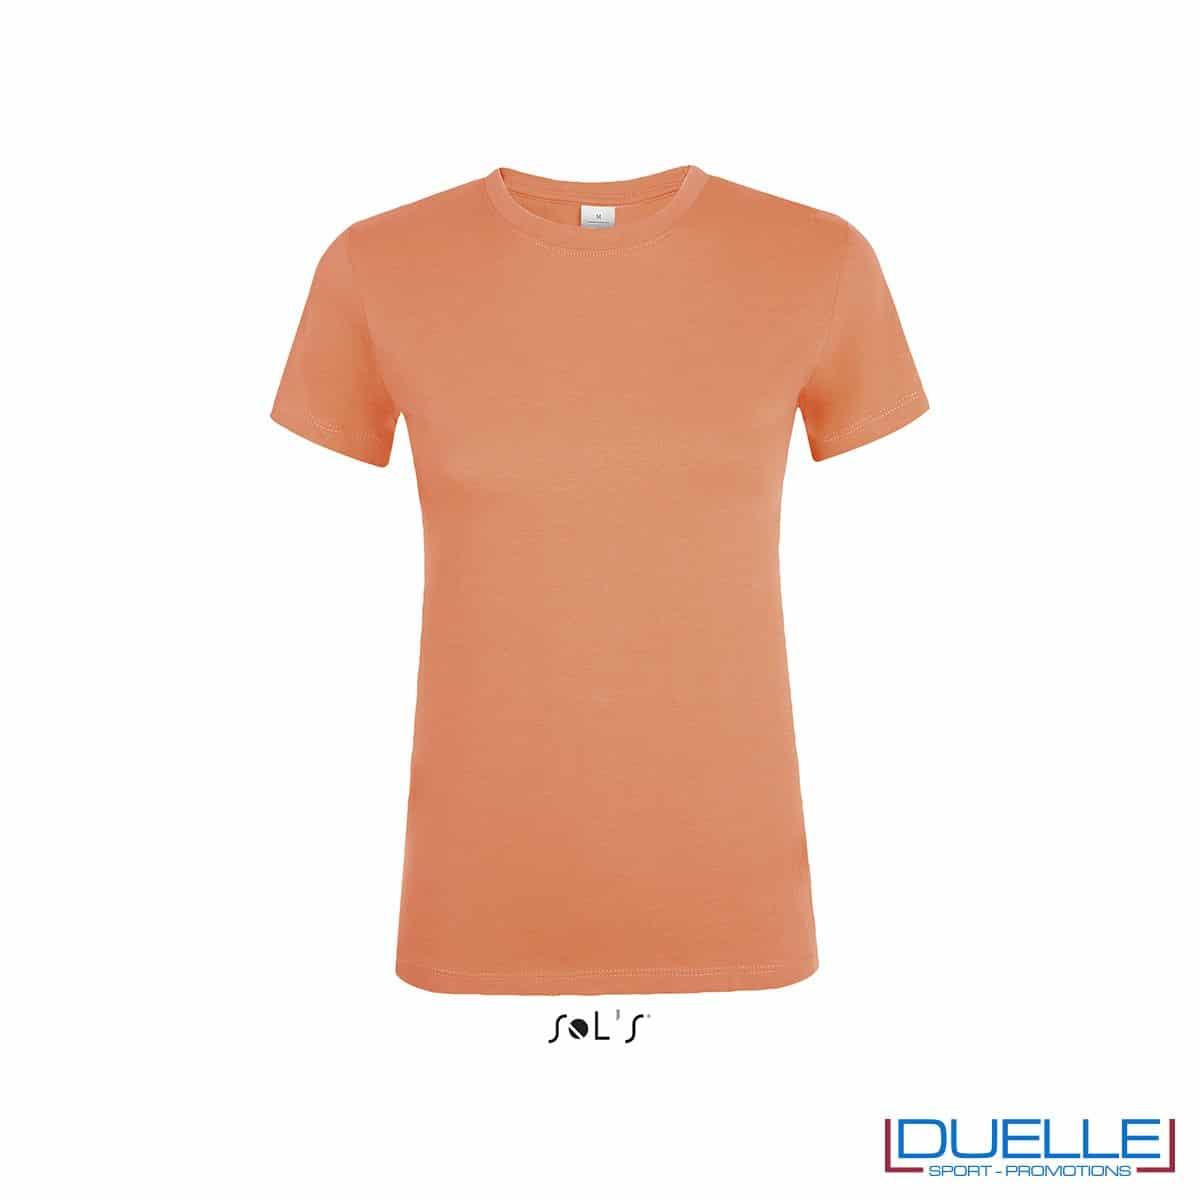 Maglietta personalizzata economica in colore albicocca da donna